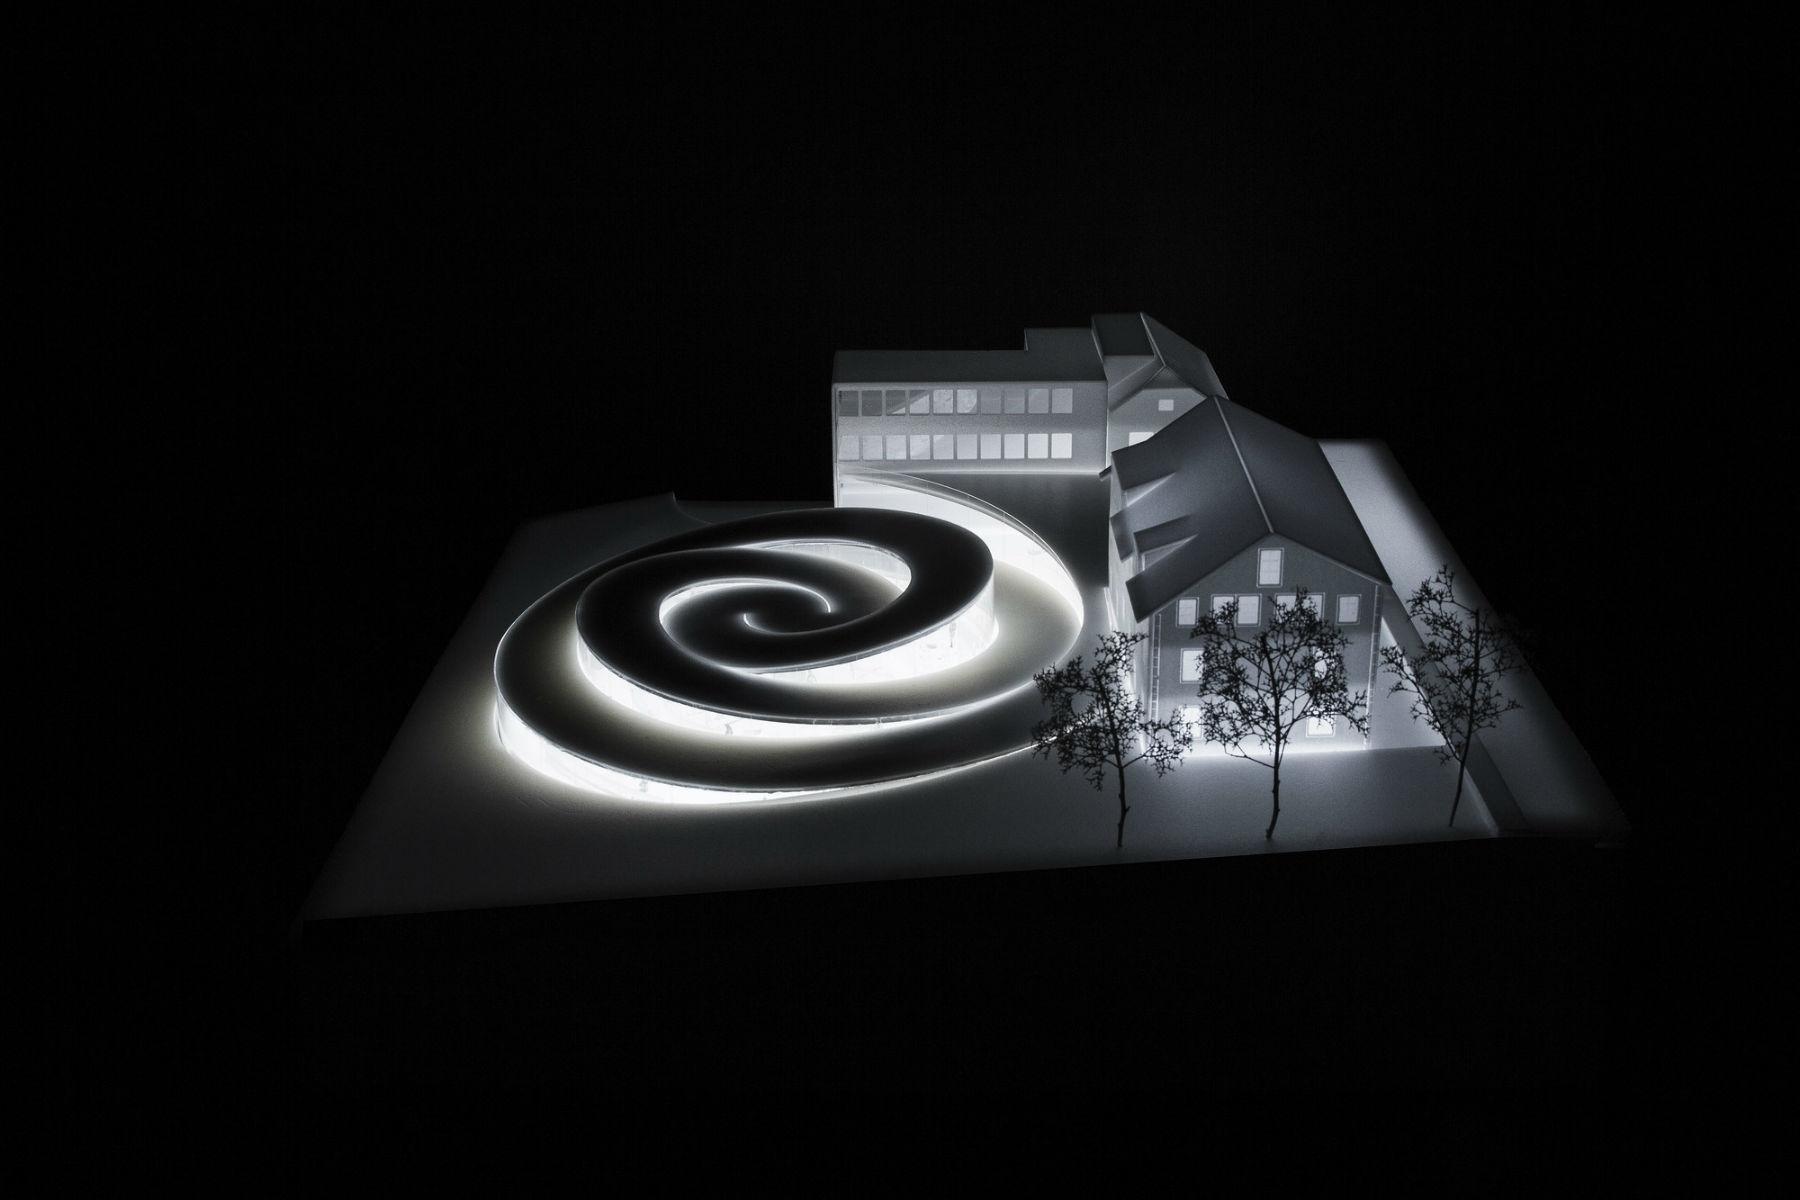 Arch2O-Swiss-Spiraling-Watch-Museum-20.jpg